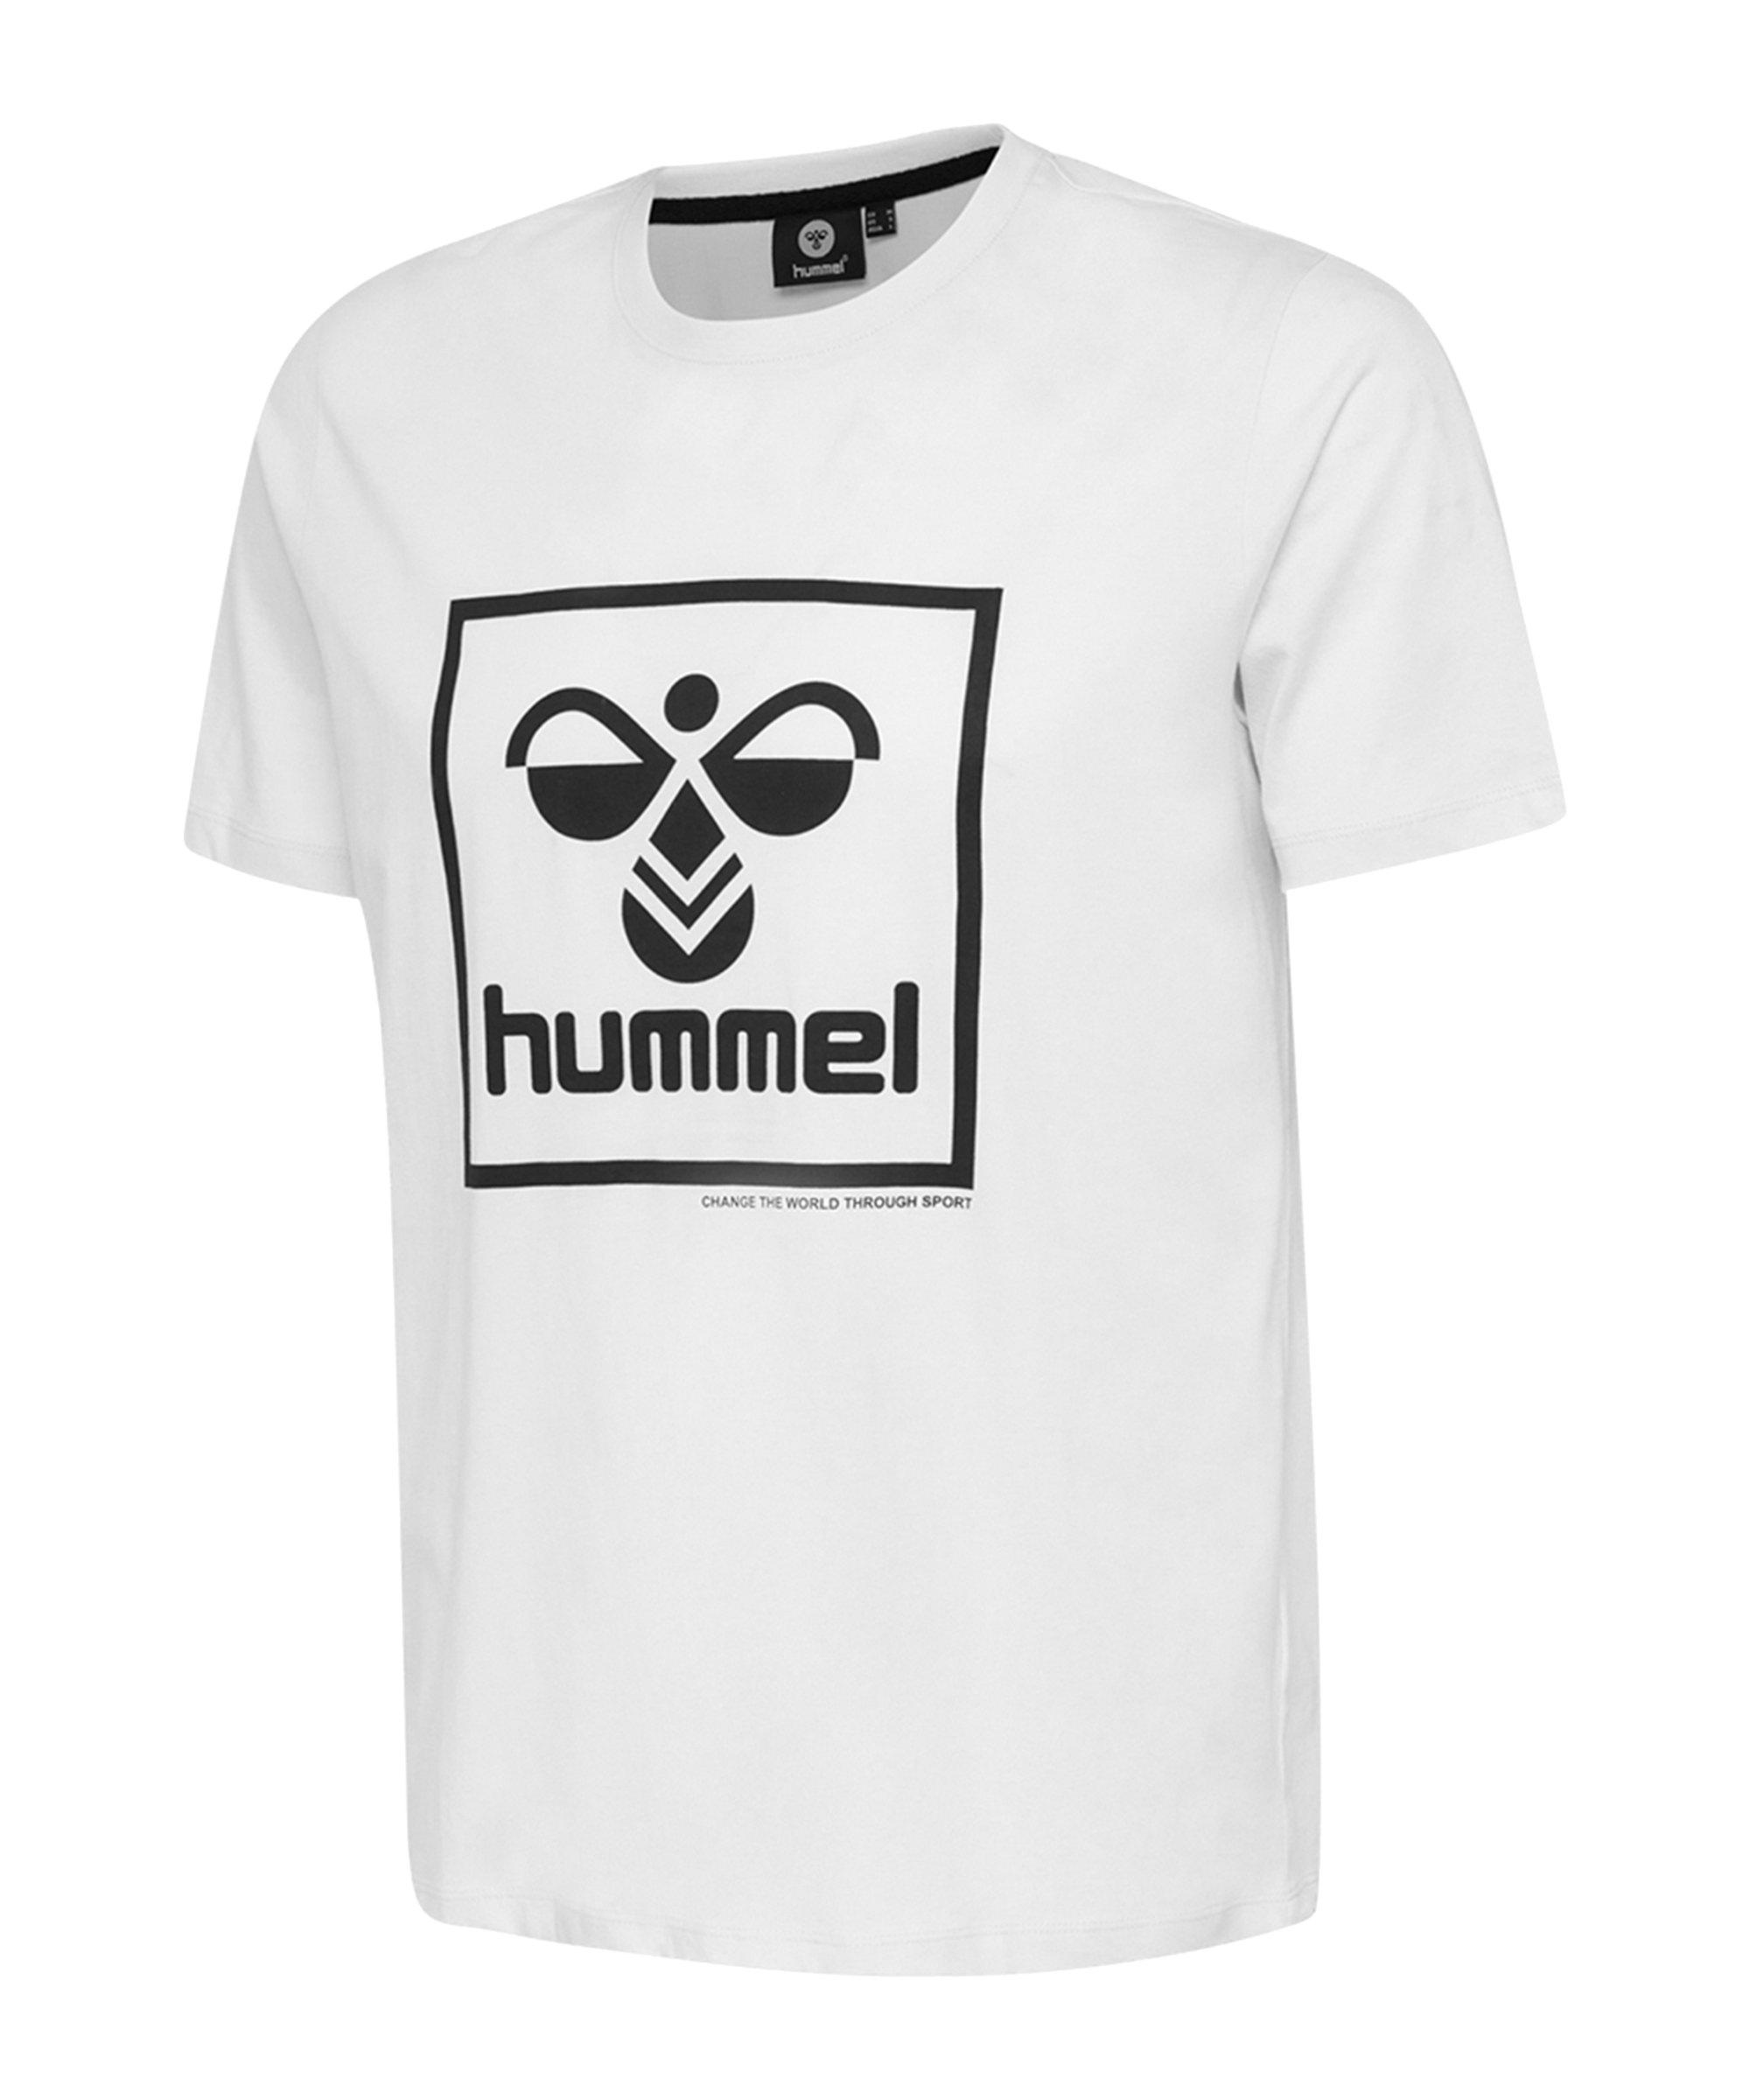 Hummel Isam T-shirt Weiss F9001 - weiss